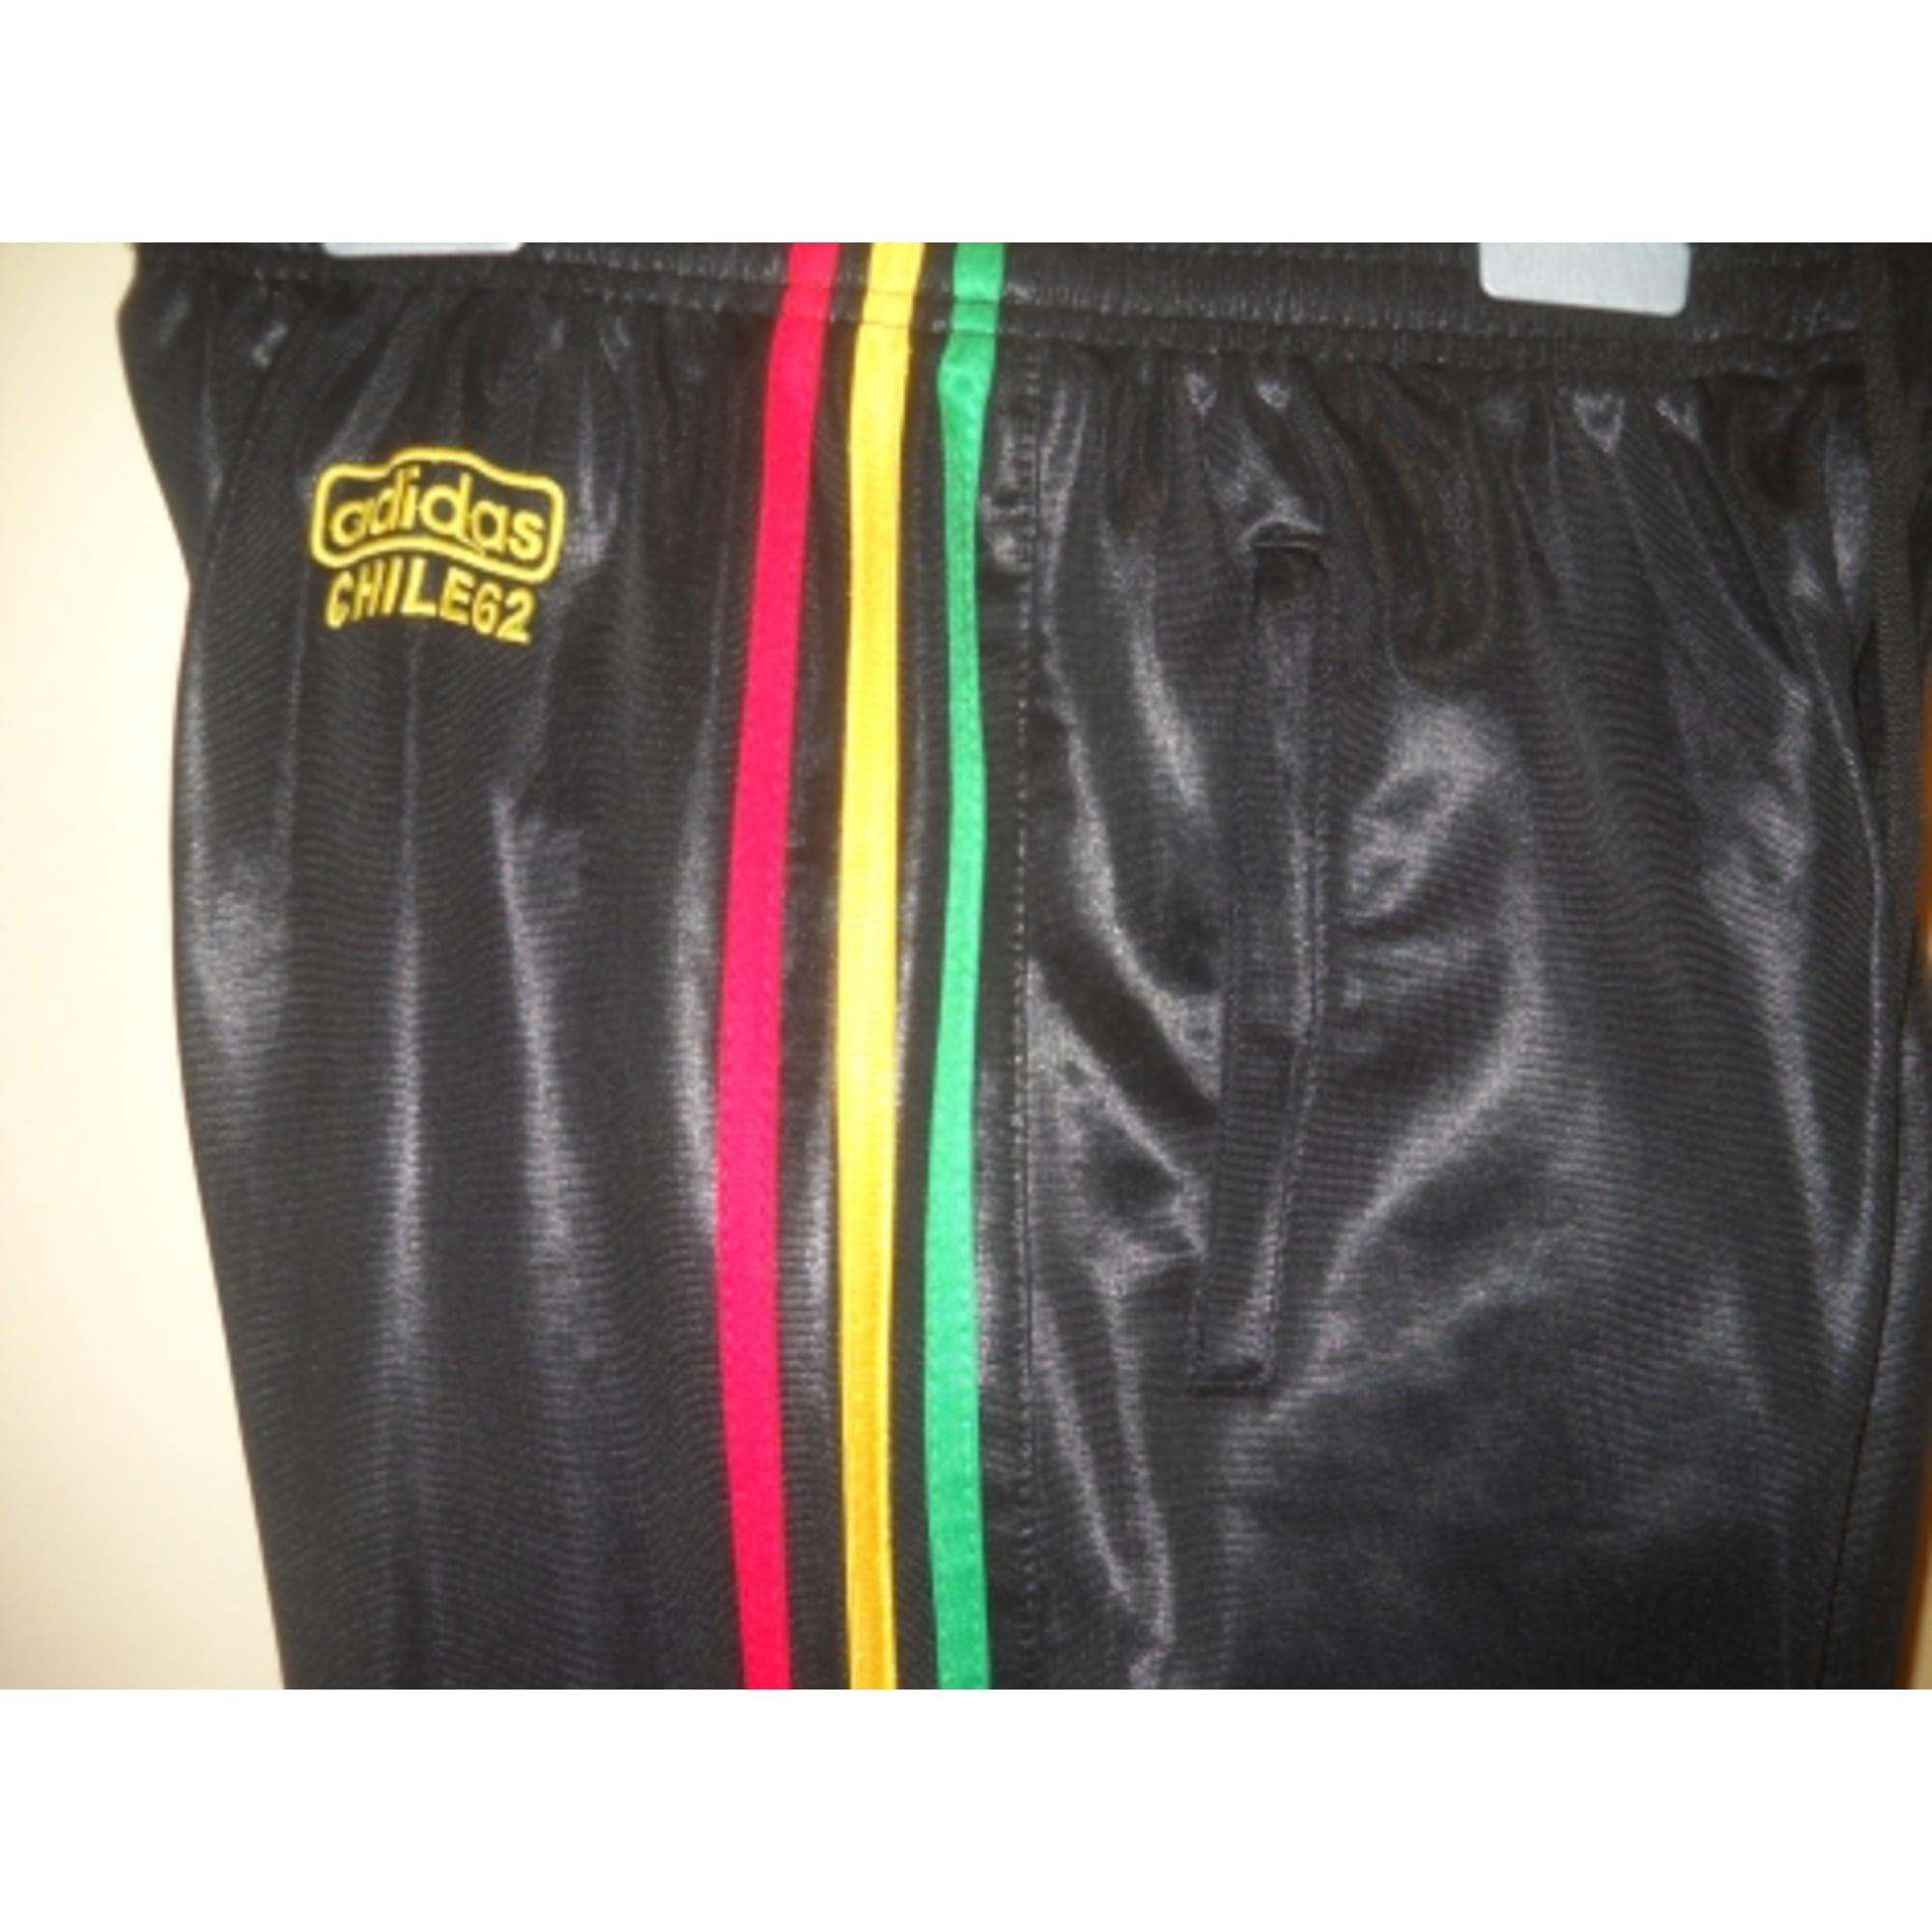 Vendu Pantalon De 52 Desaintjo l Adidas Survêtement Par Noir Dani xxS1wUqa